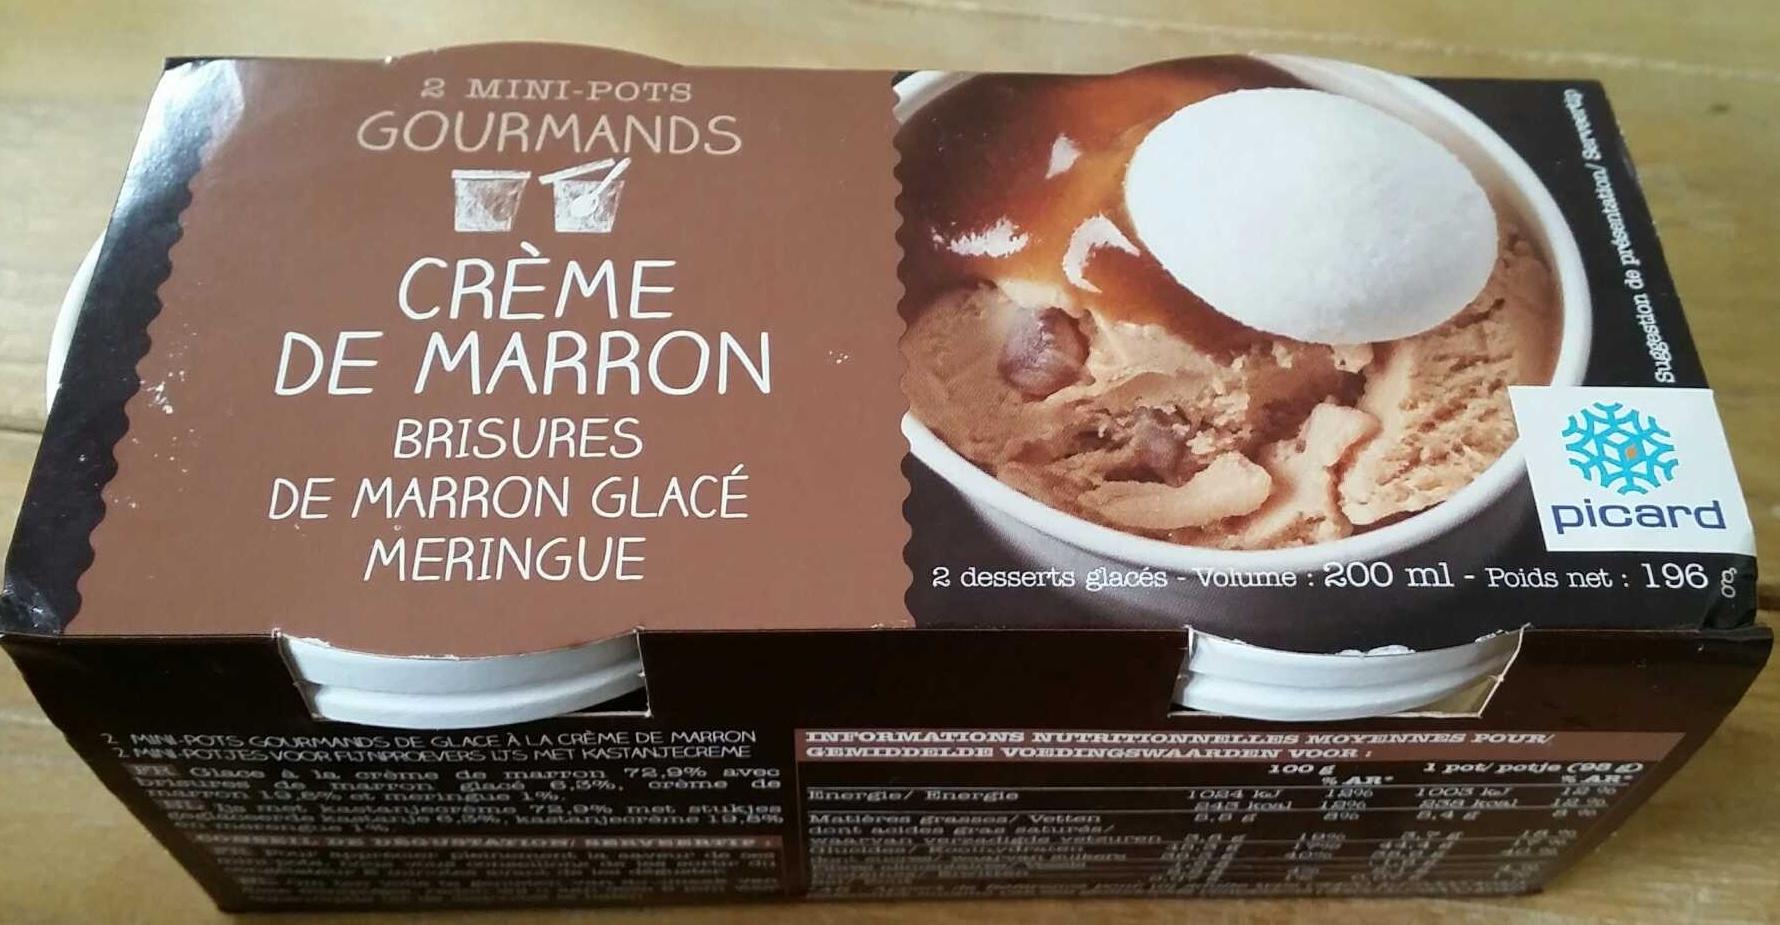 Crème de marron brisures de marron glacé meringue - Produit